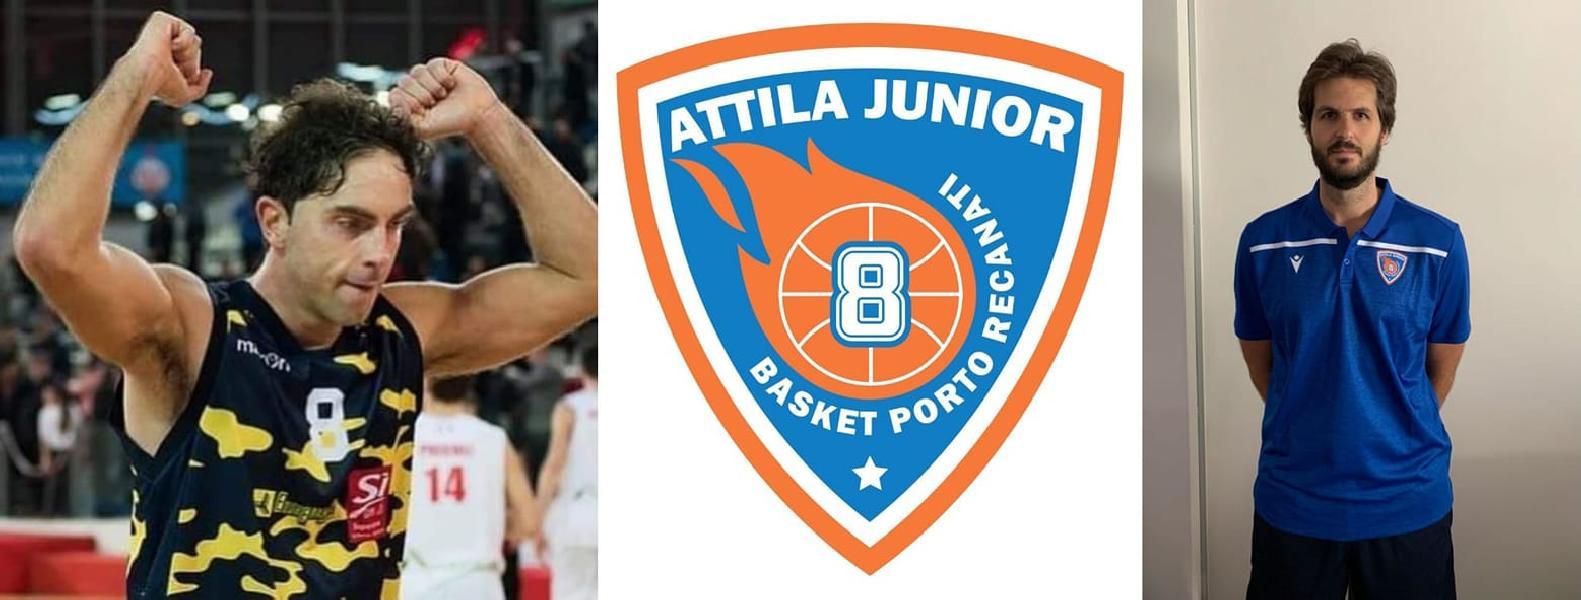 https://www.basketmarche.it/immagini_articoli/05-09-2021/attila-junior-porto-recanati-lorenzo-baldoni-capitano-600.jpg